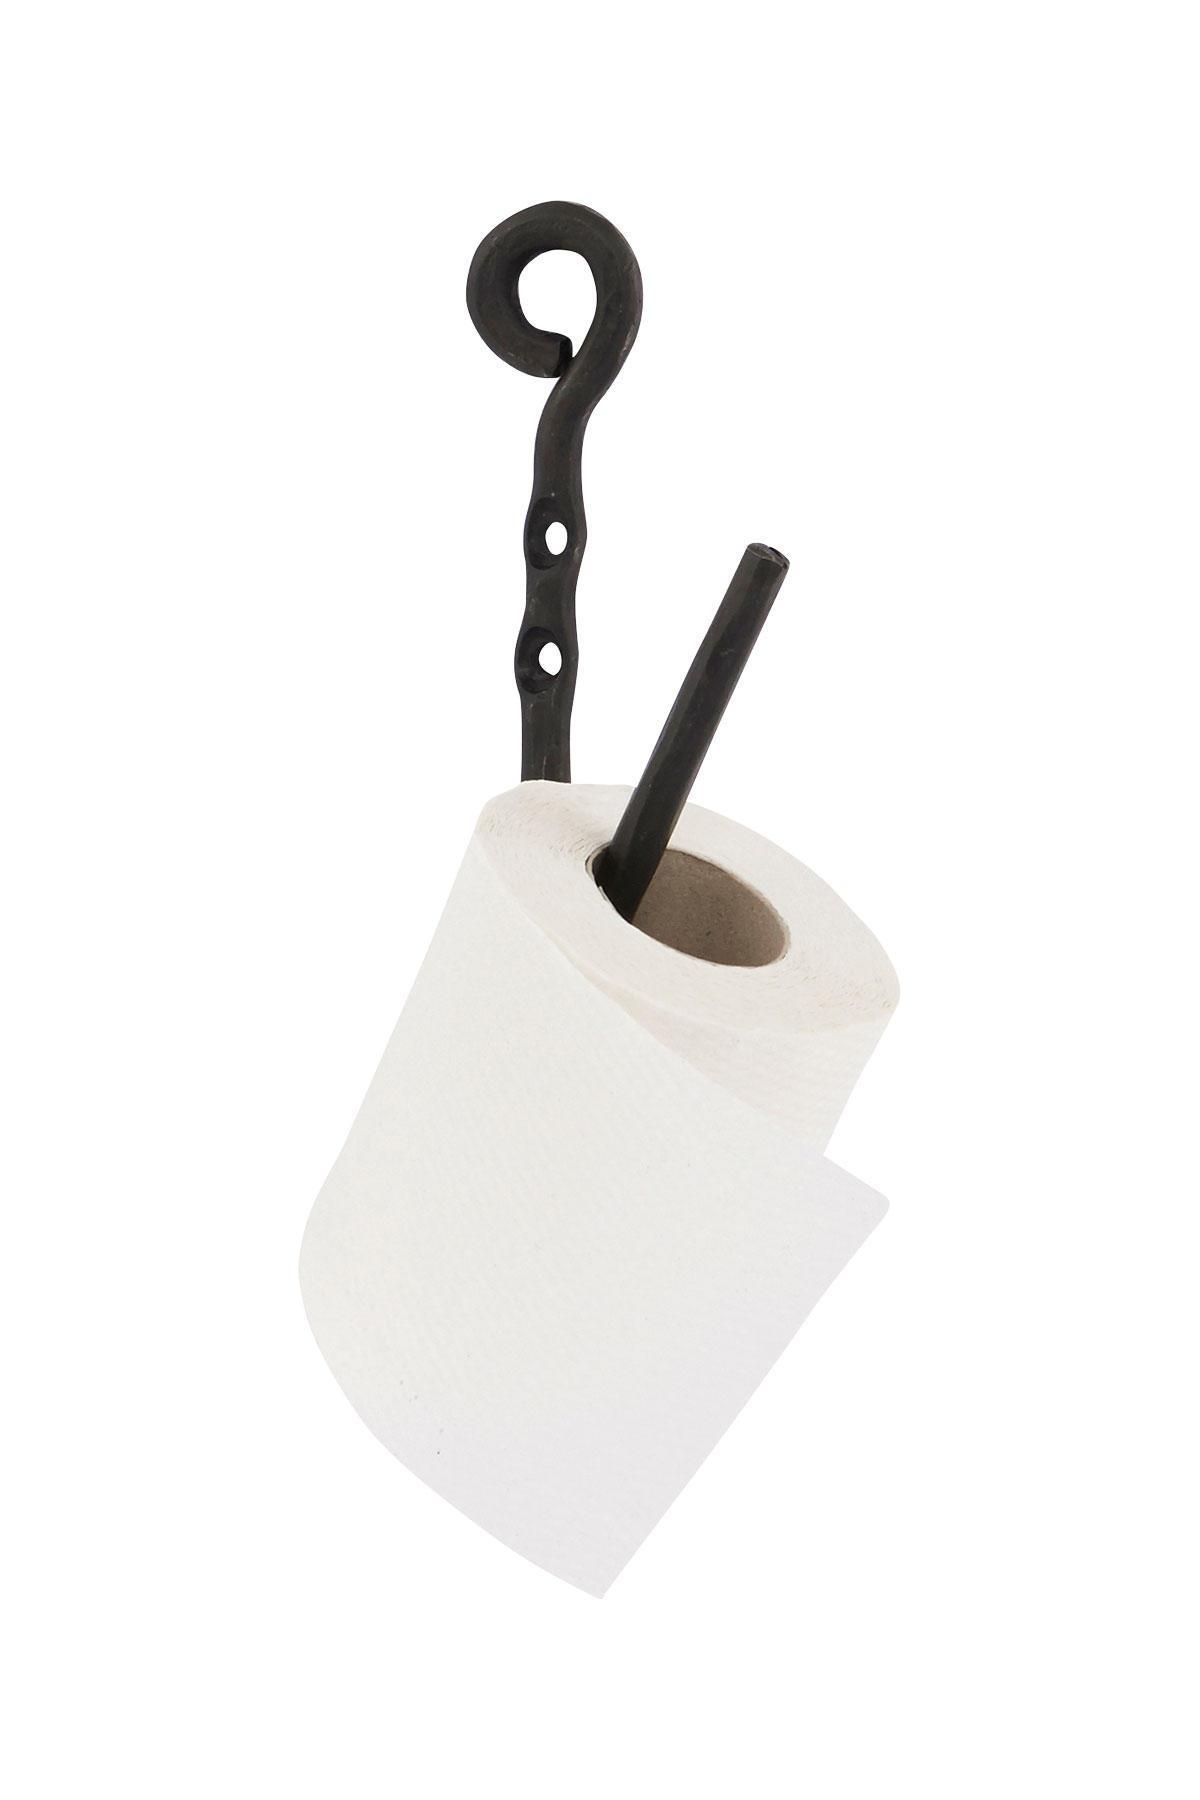 House Doctor Držák na toaletní papír Black, černá barva, kov